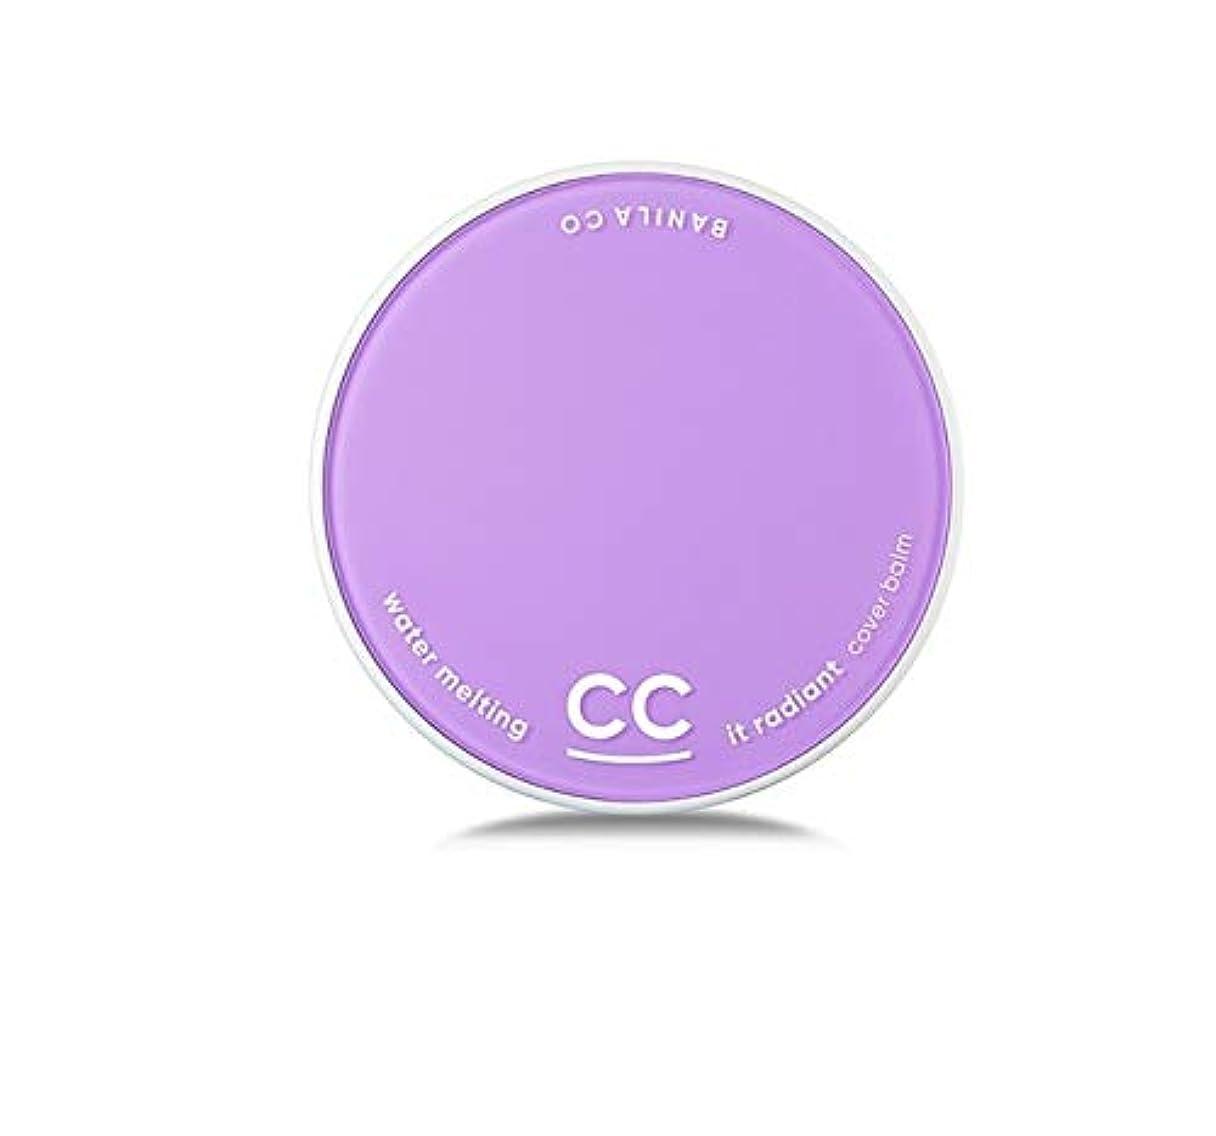 ホバートオーバーラン知らせるbanilaco イットラディアントCCエッセンスカバーバーム/It Radiant CC Essence Cover Balm 15g # Light Beige [並行輸入品]